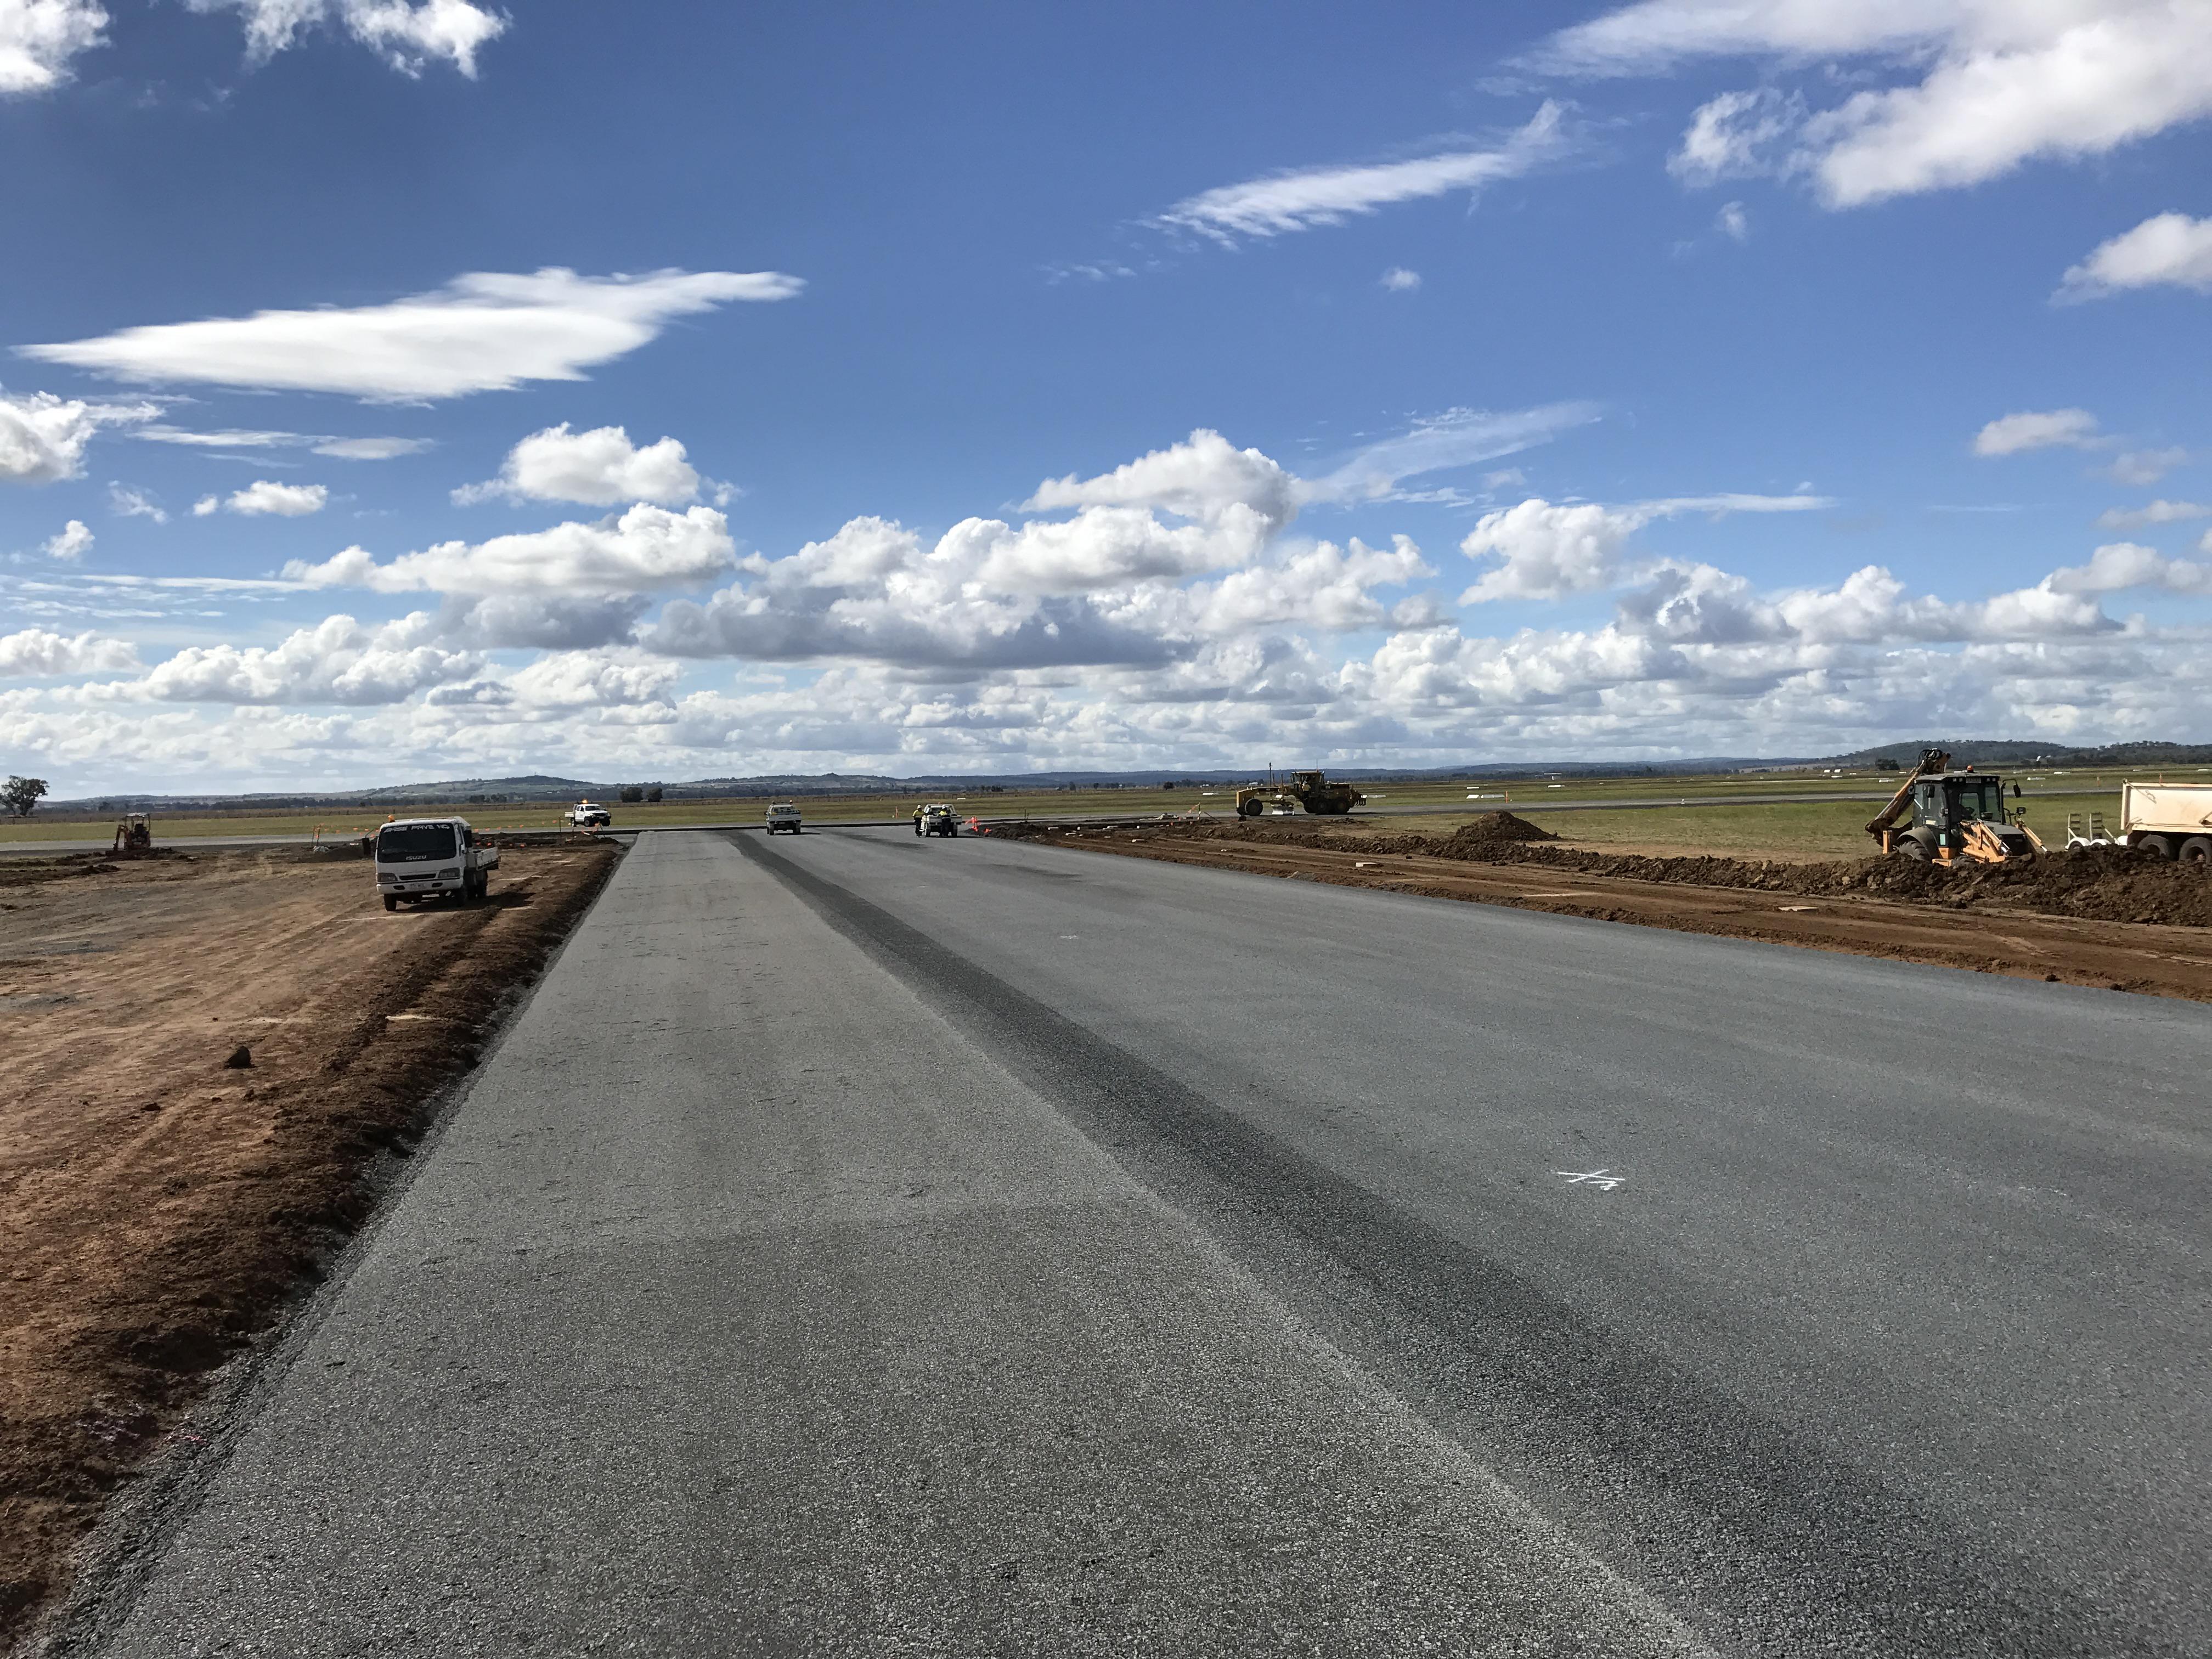 4 lane highway/motorway